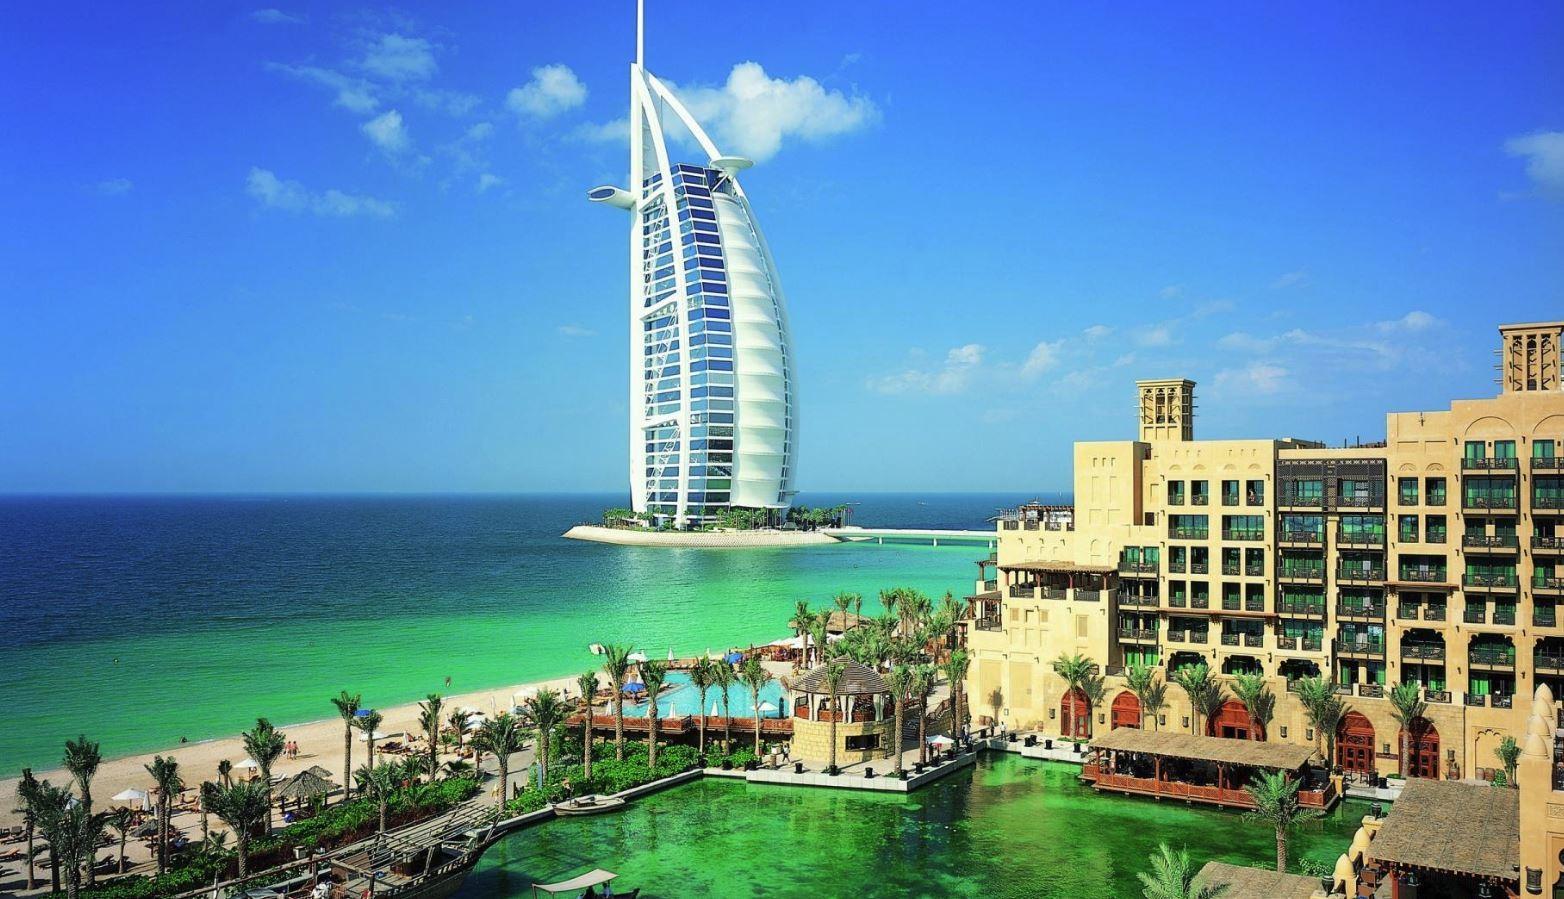 Organizirano potovanje v Dubaj